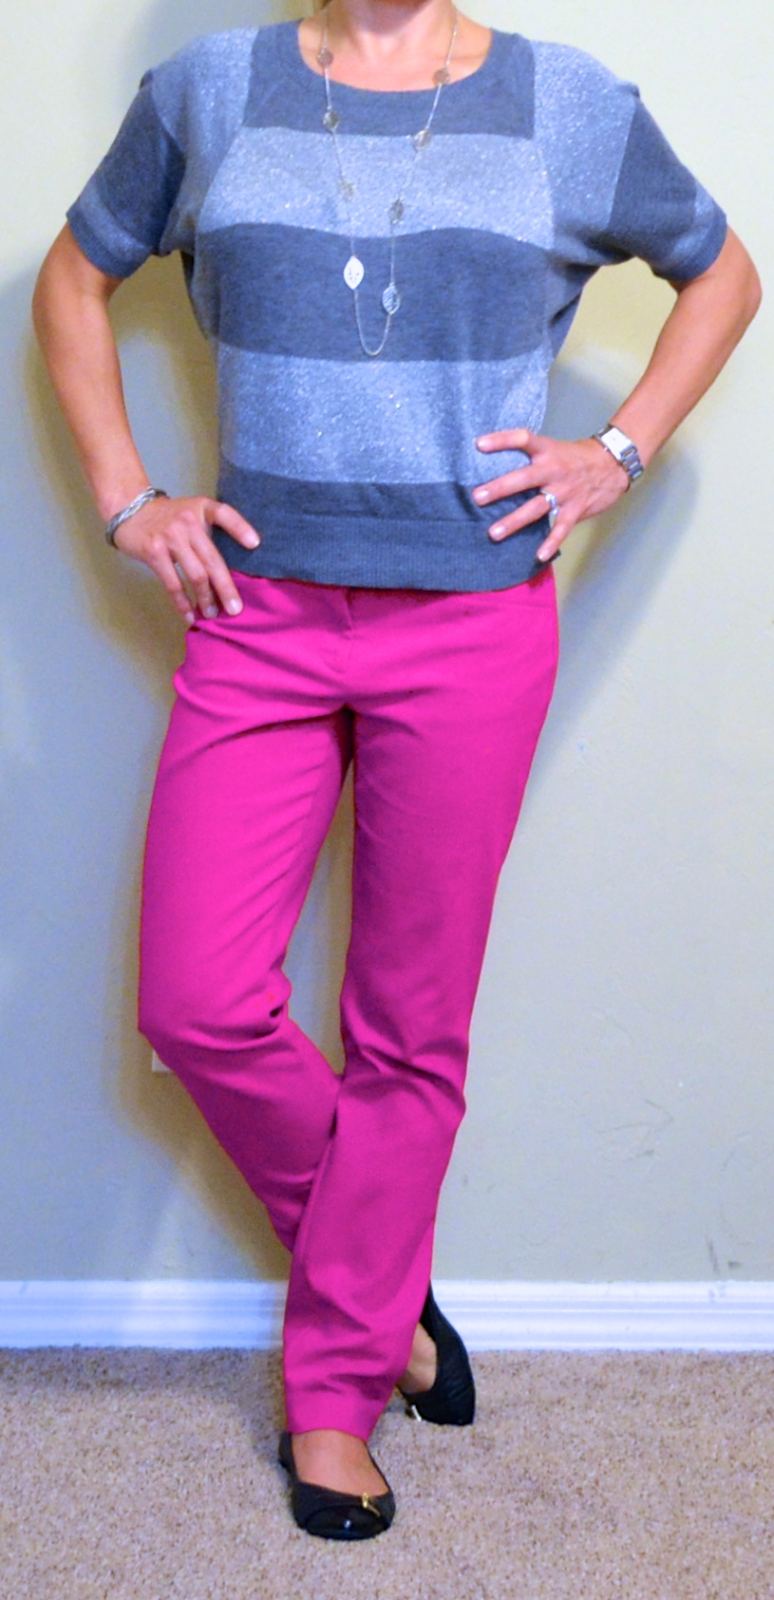 04264-pinkpantsstripedtop